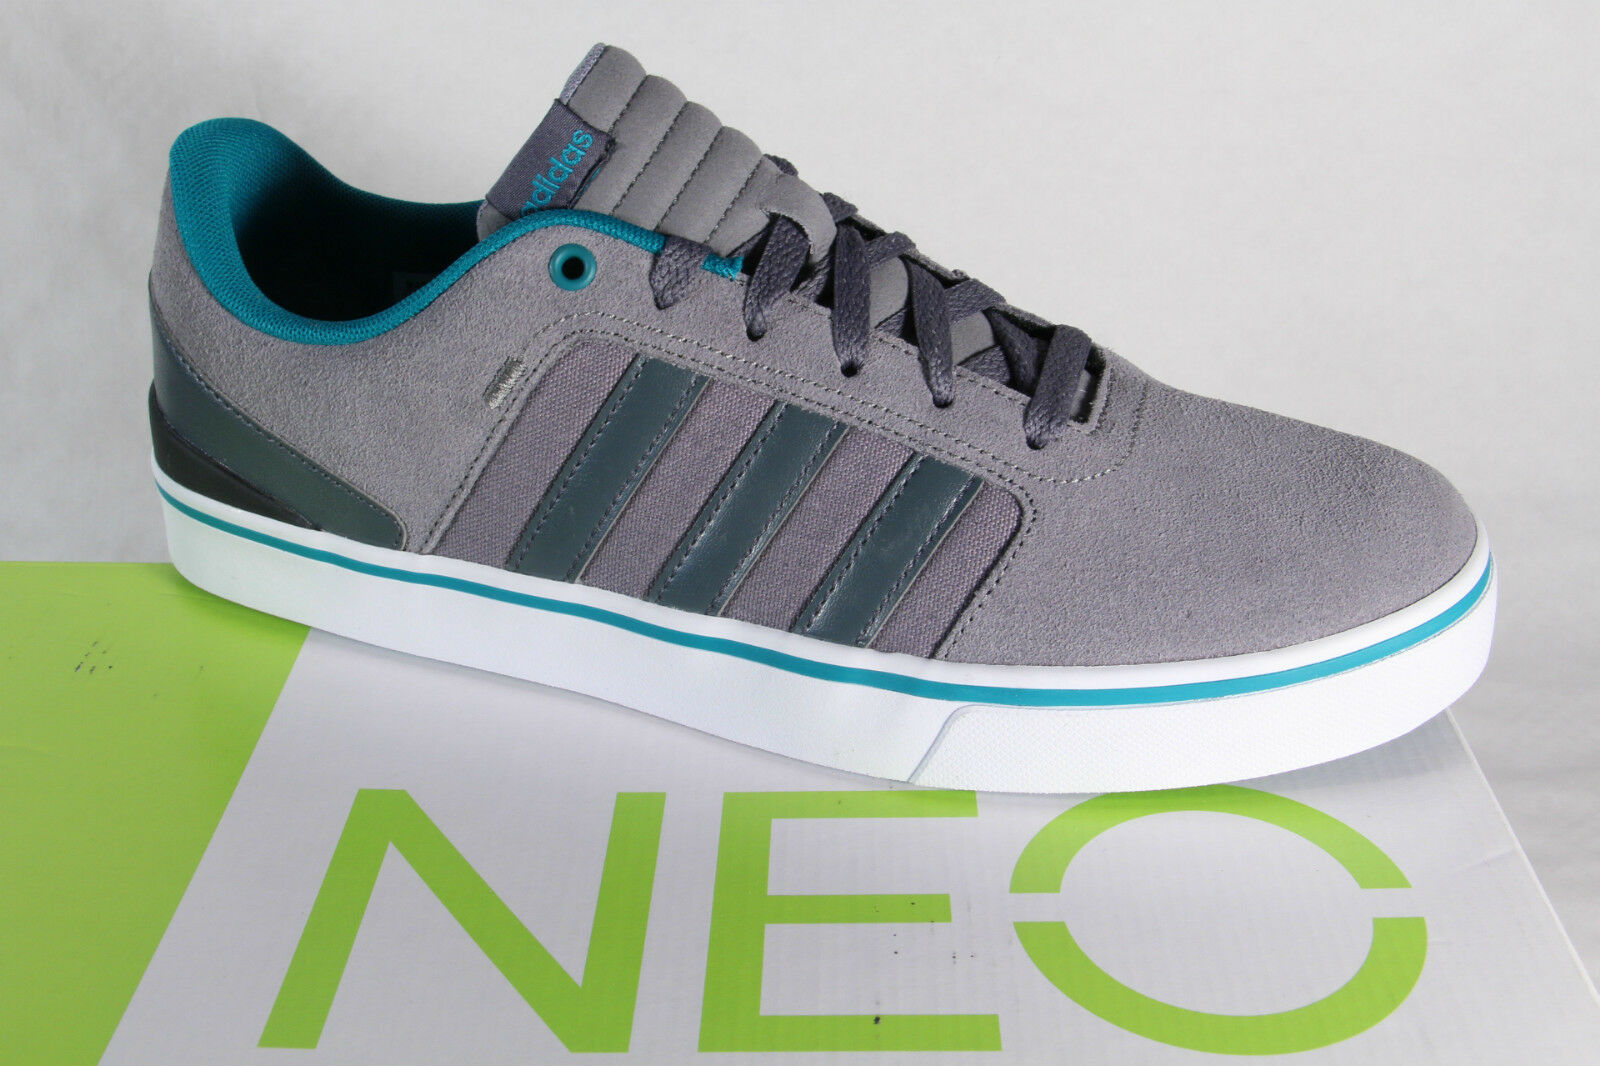 Adidas zapatos de Deportivos Cordones Zapatillas Zapatos Deportivos de abotinados Hawthorn ST e3d77b